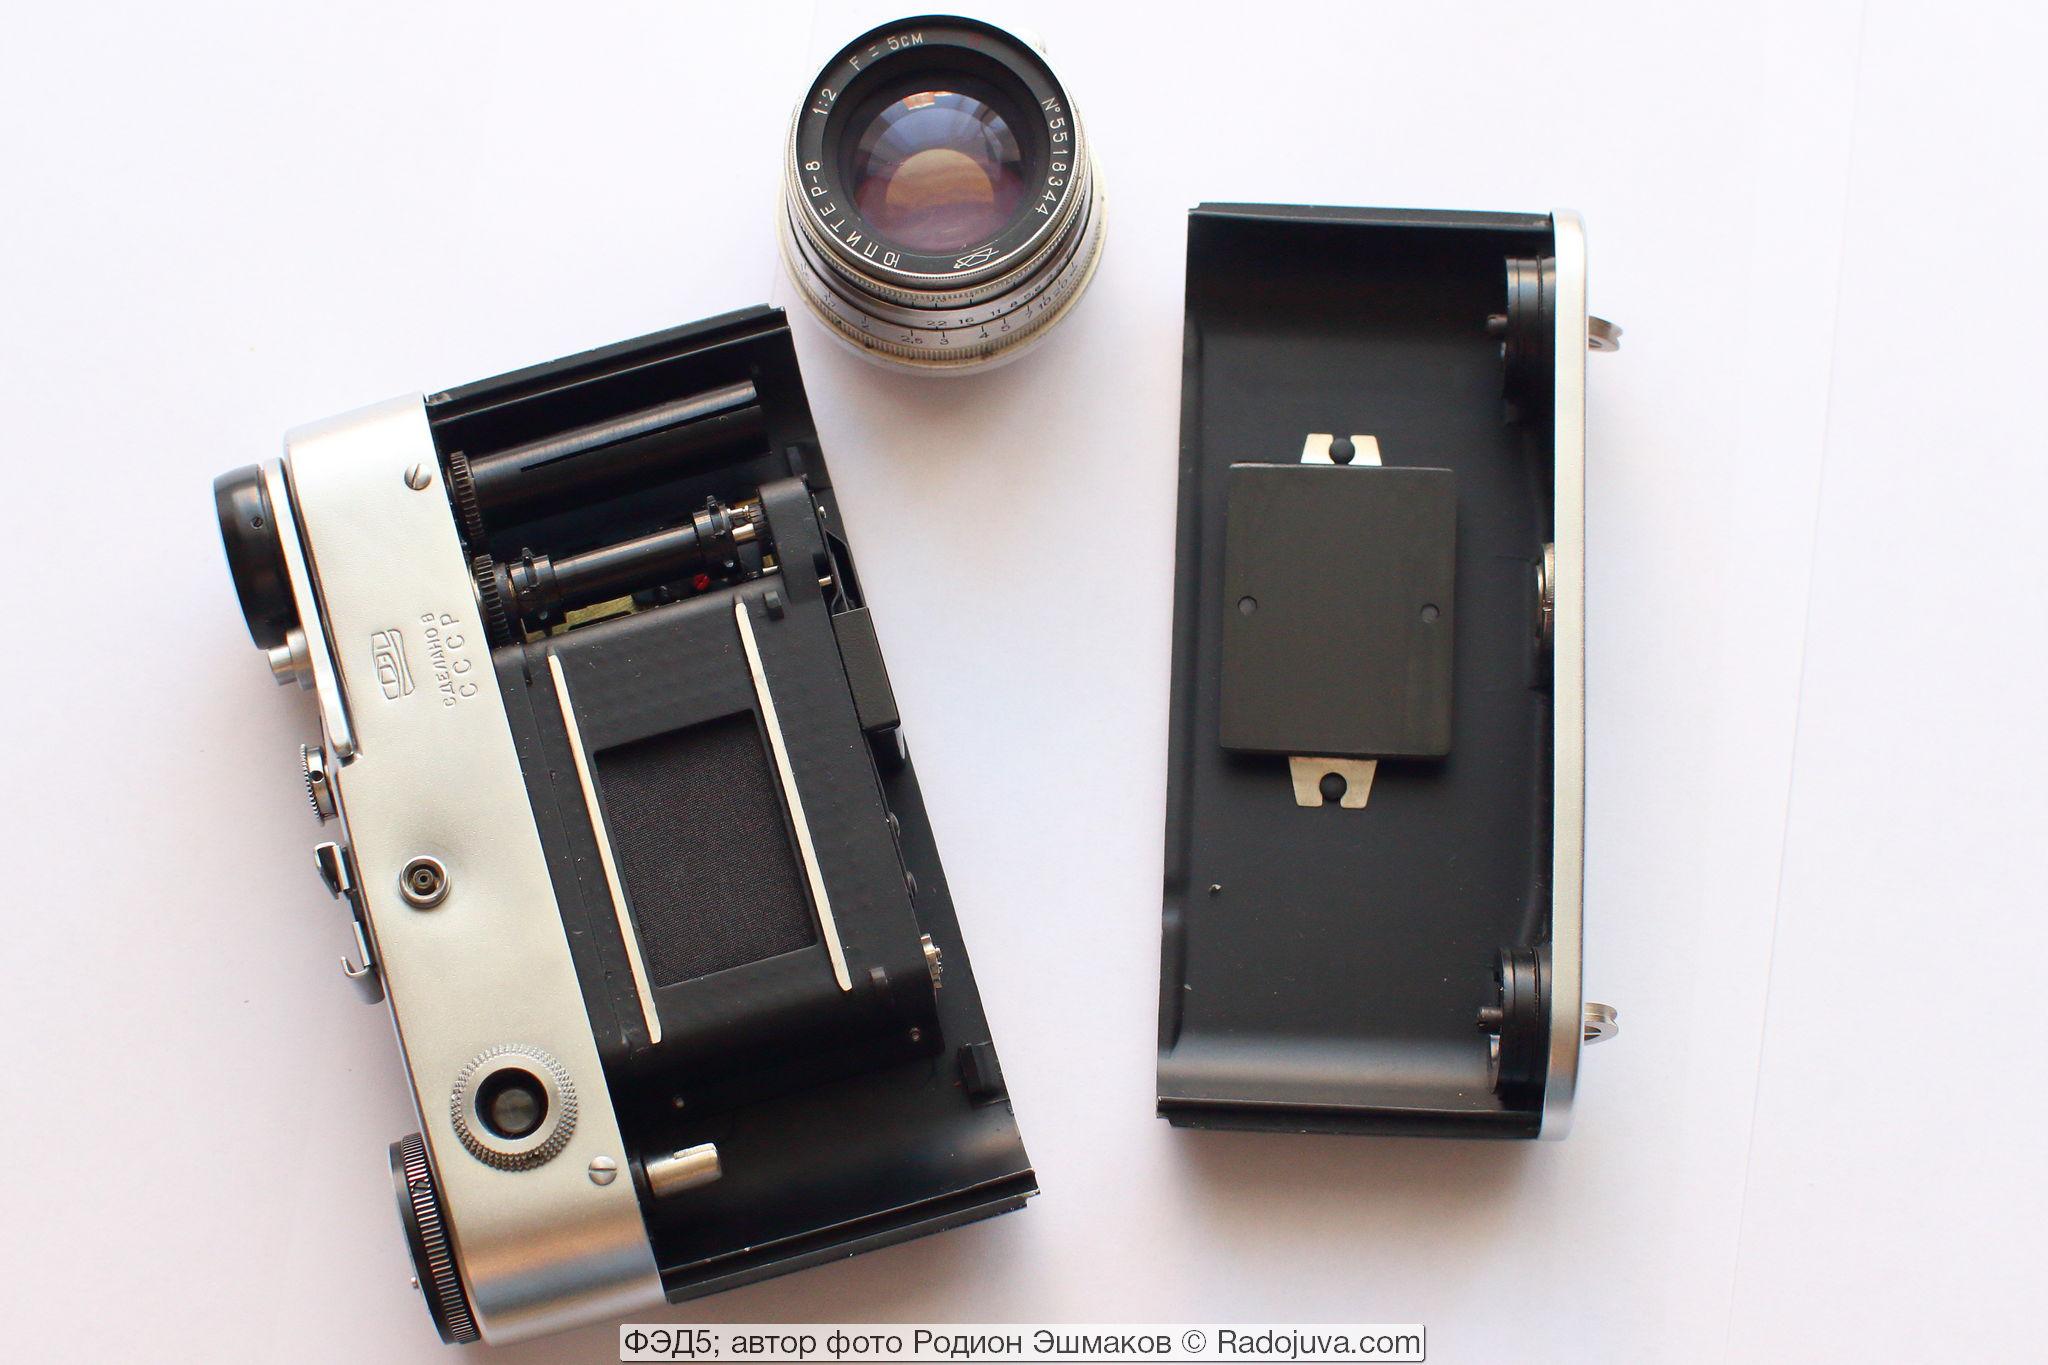 ФЭД-5 со снятыми задней крышкой и объективом